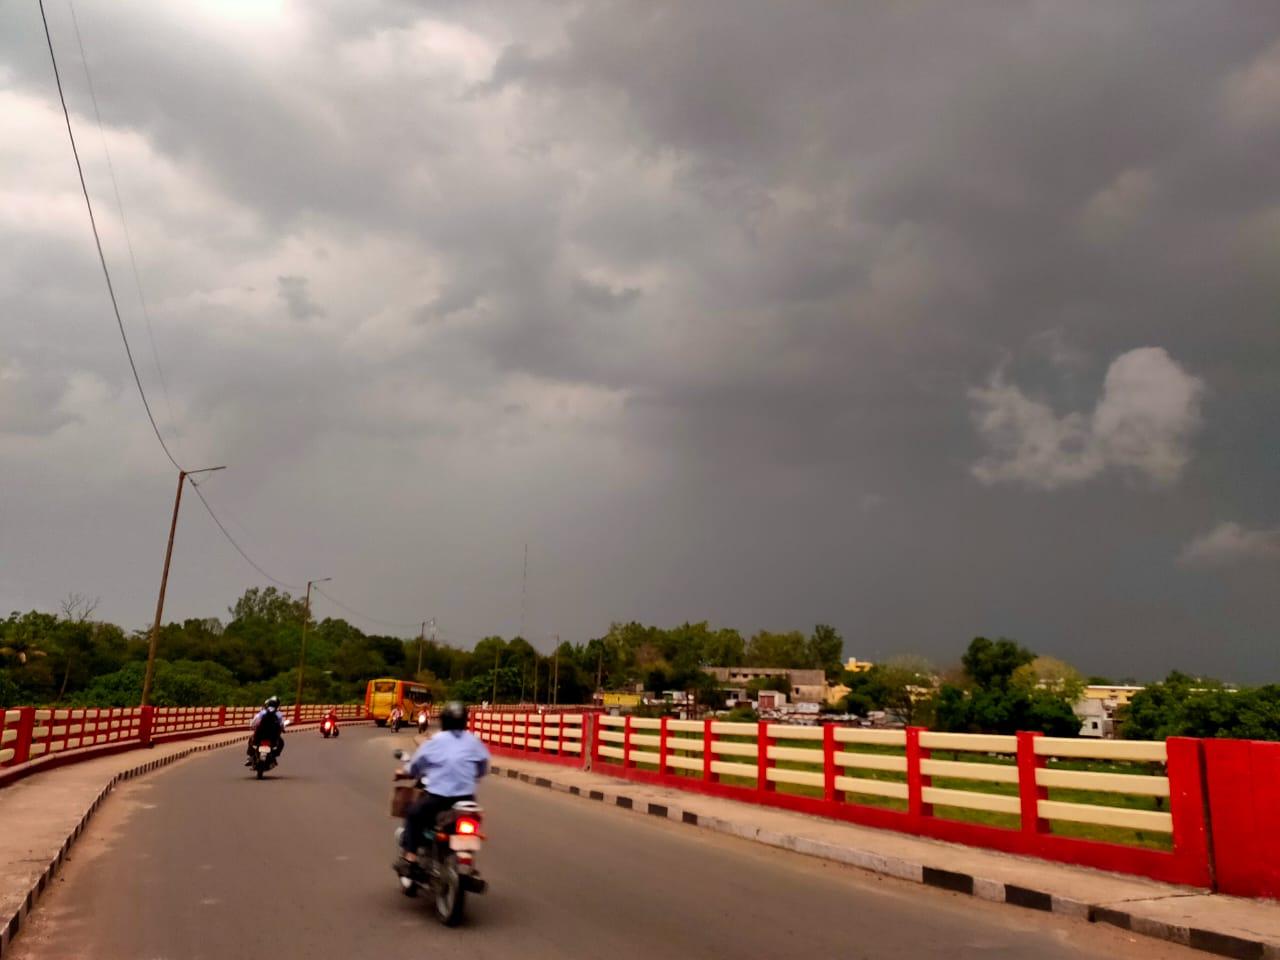 होशंगाबाद में दोपहर बाद आसमान में बादलों ने डेरा डाल दिया।